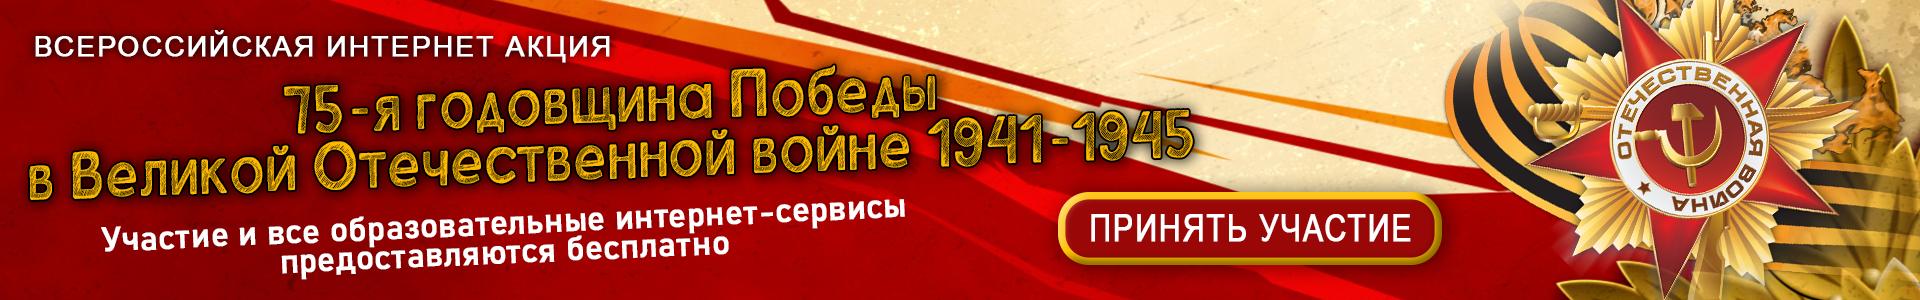 Всероссийская интернет акция «75-я годовщина Победы в Великой Отечественной войне 1941-1945»